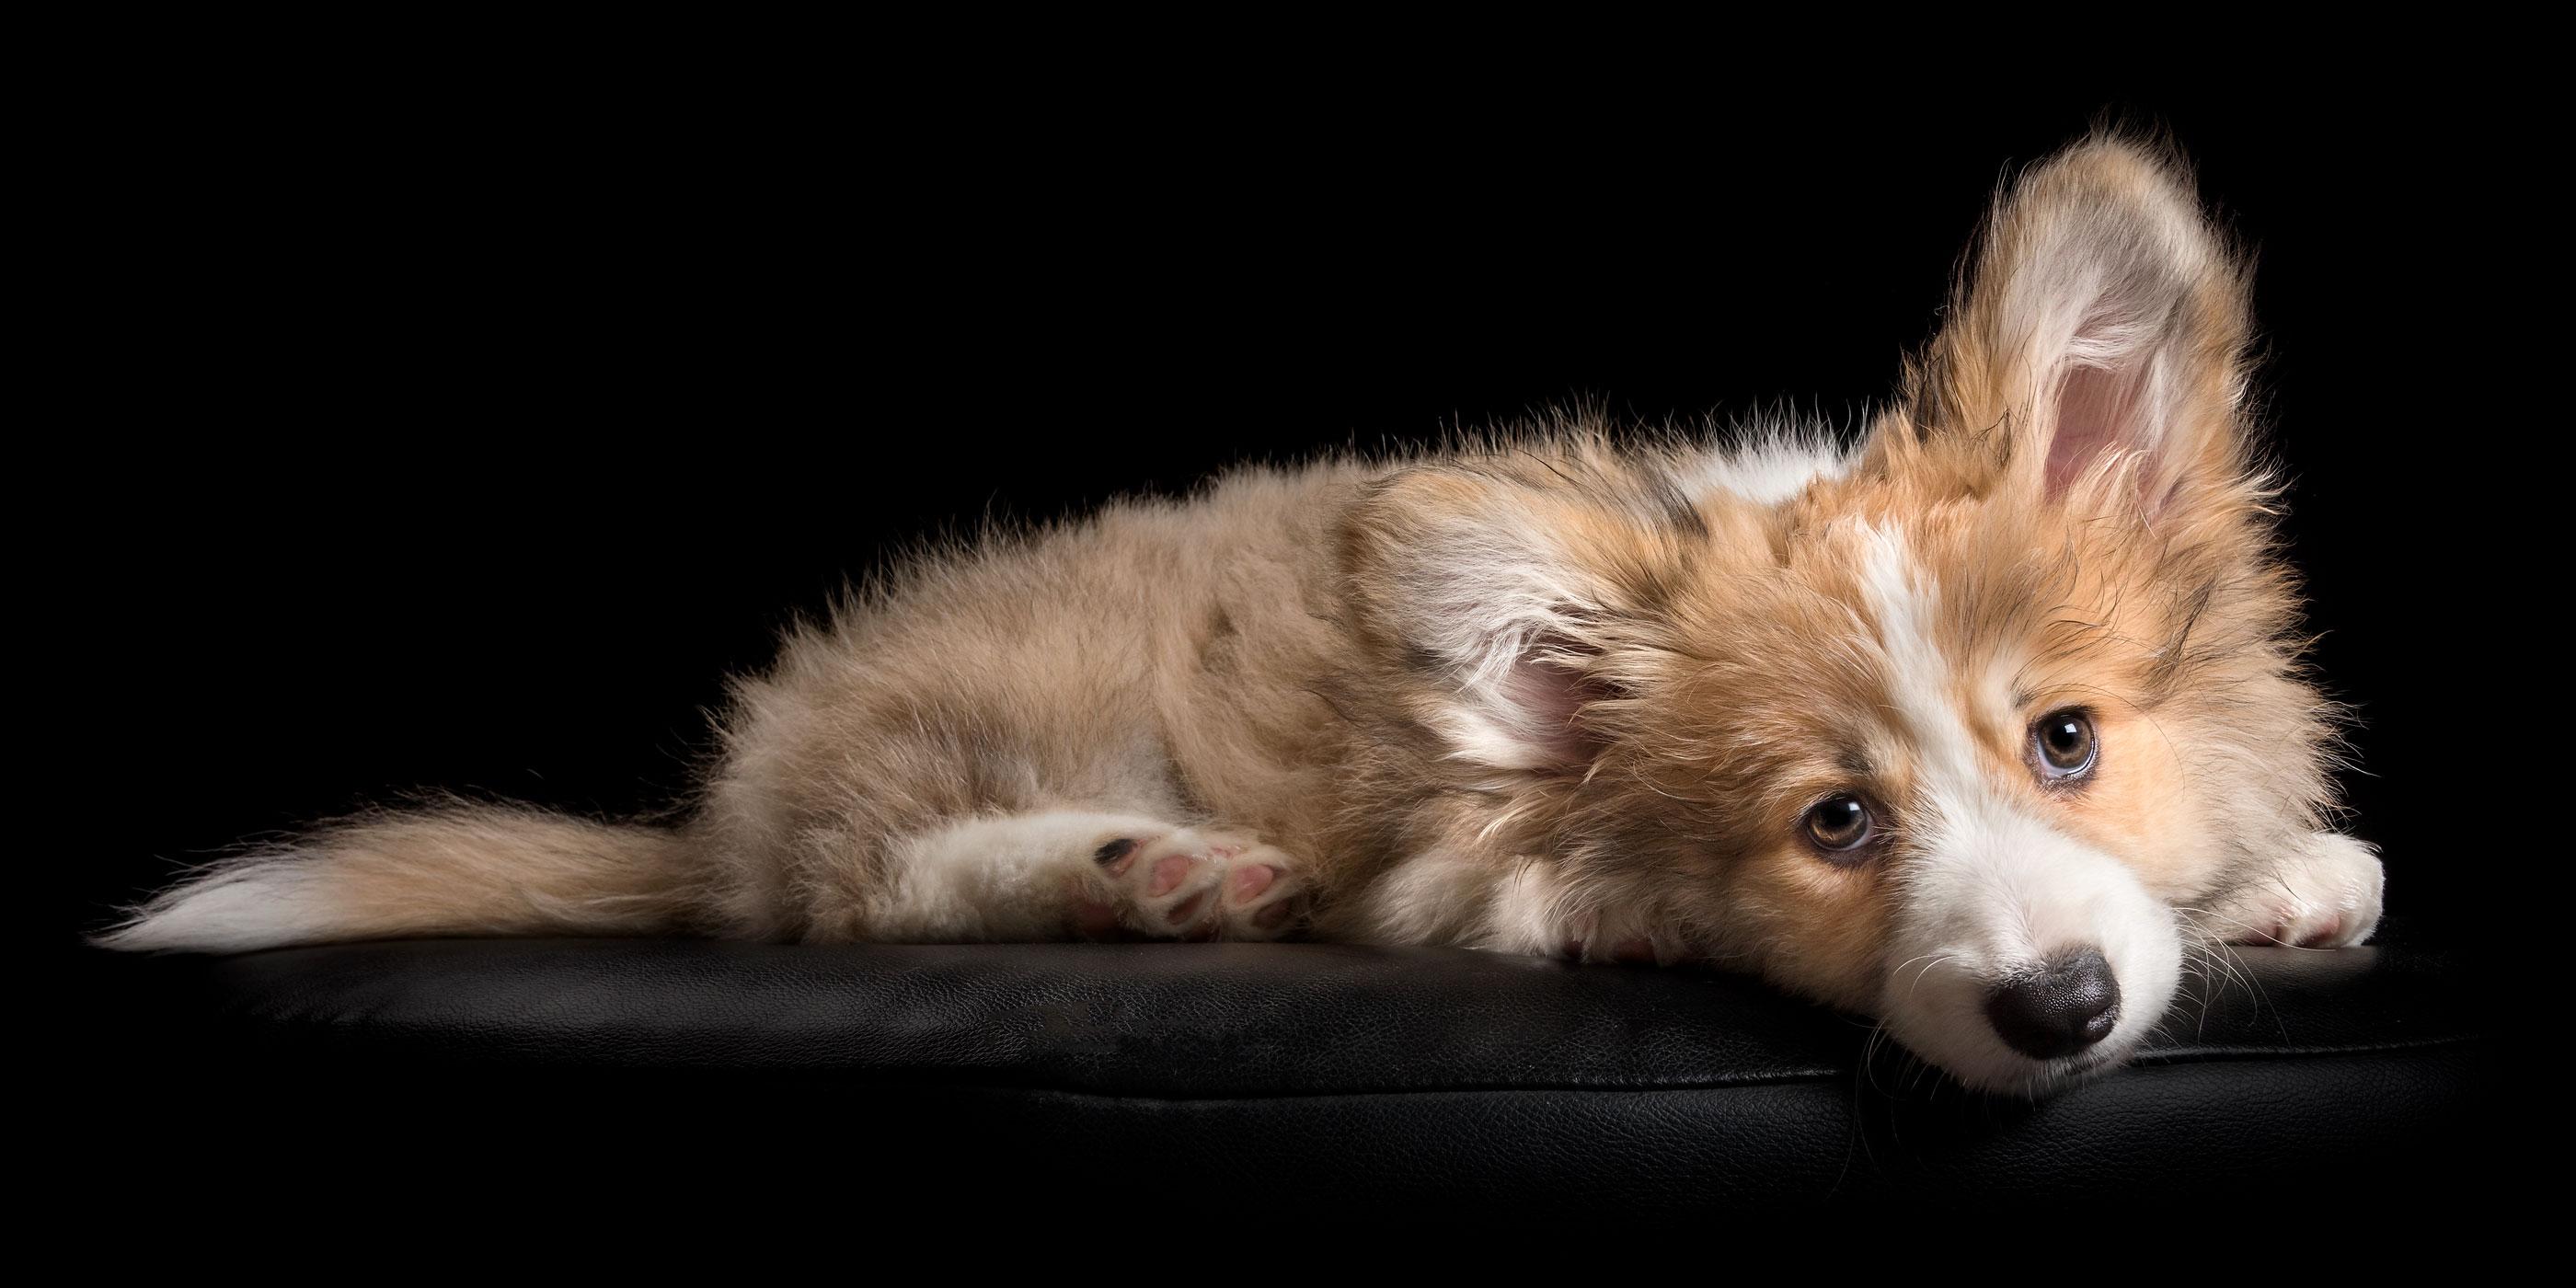 lying down sweet faced fluffy corgi puppy